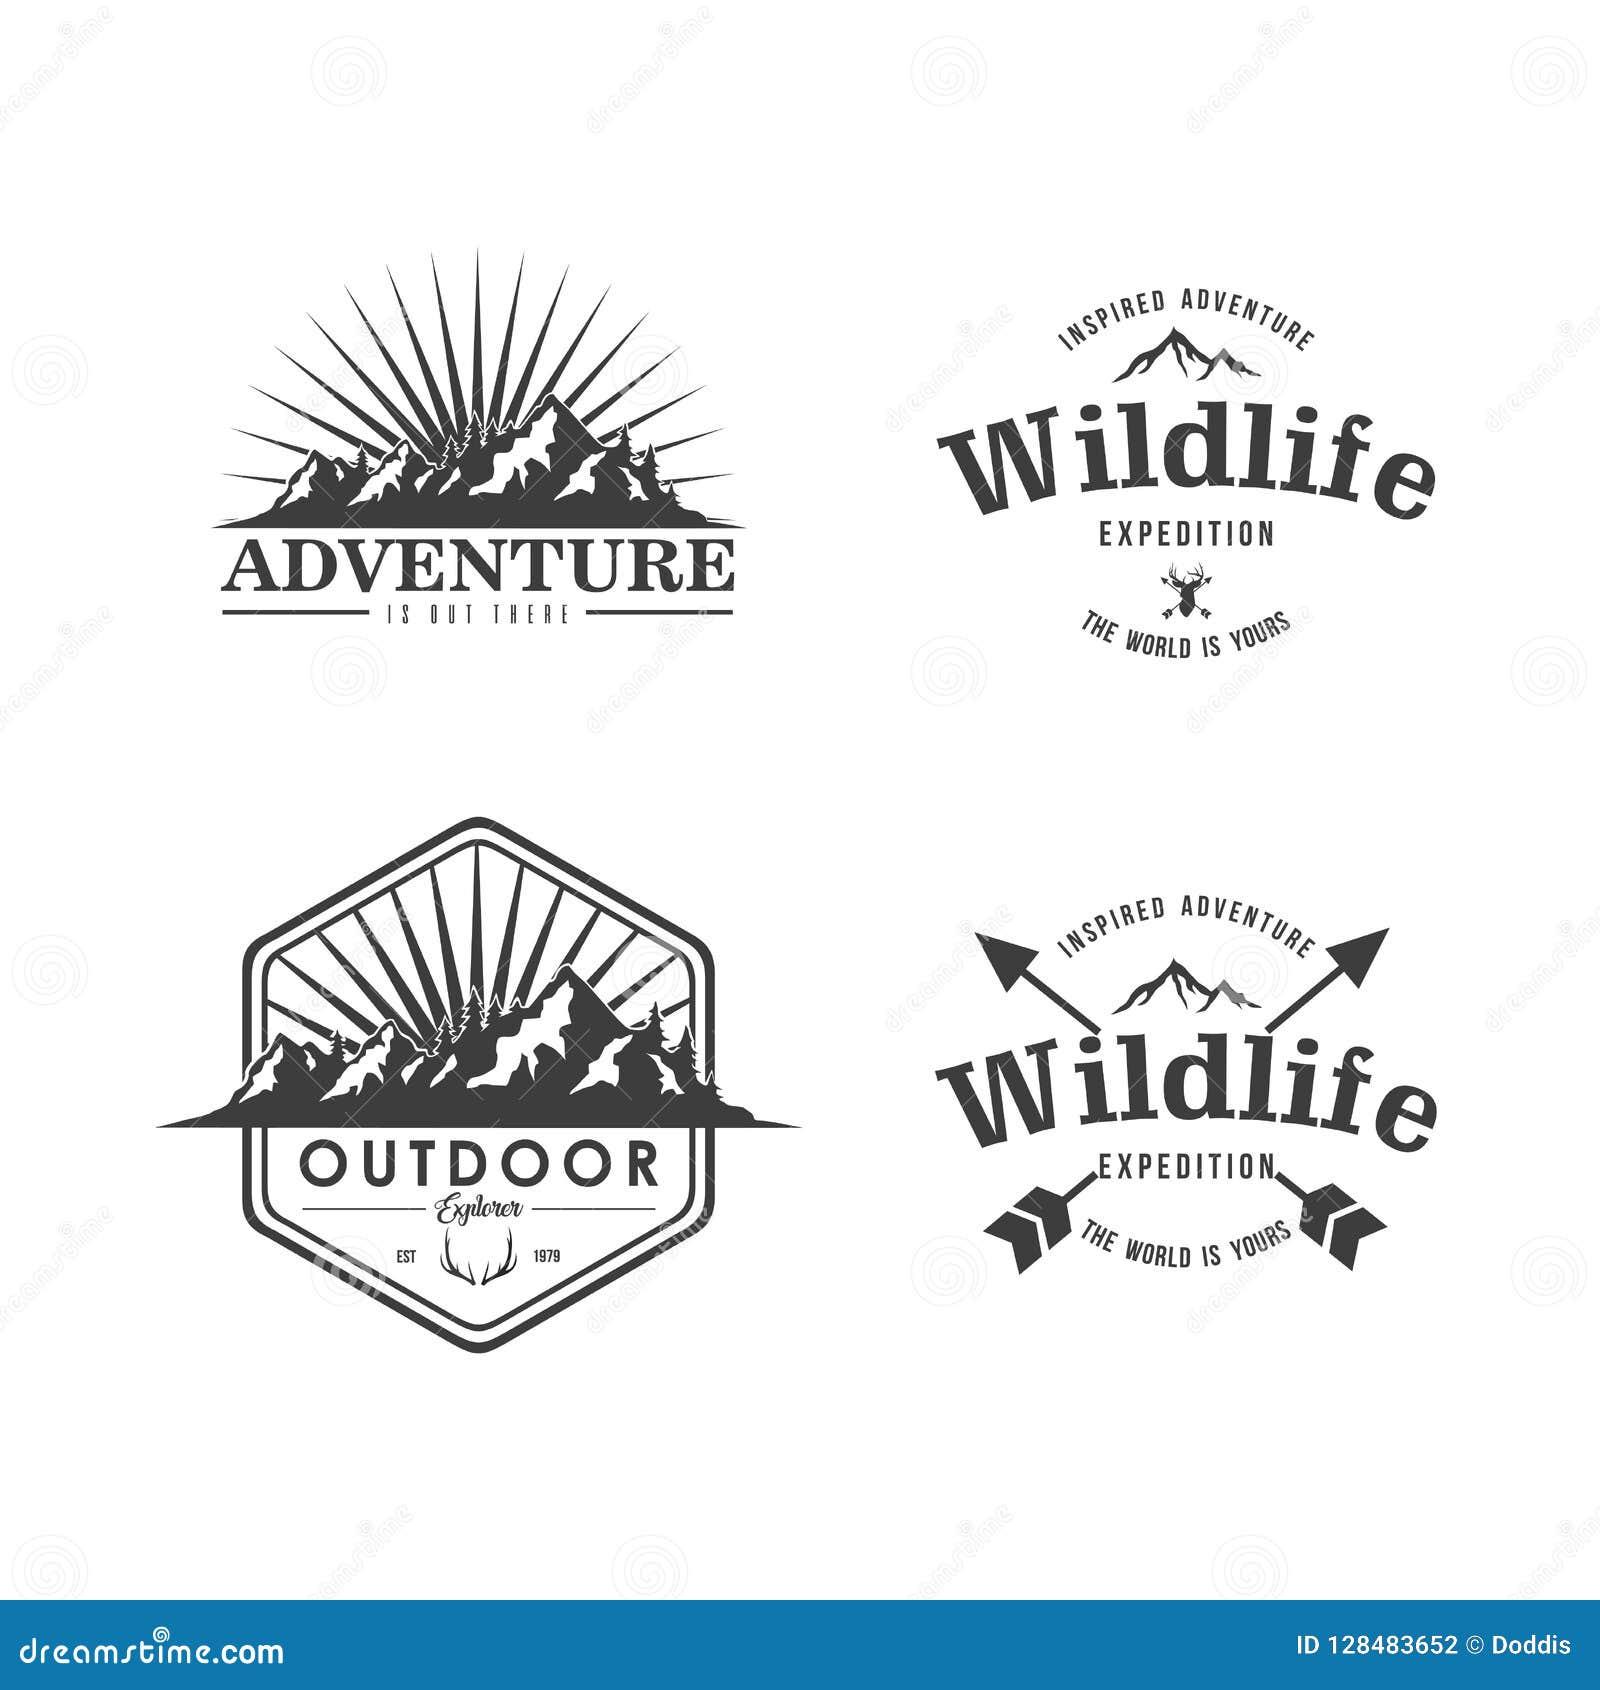 Sistema blanco y negro del diseño de Adventure Badge Vector del explorador de la montaña